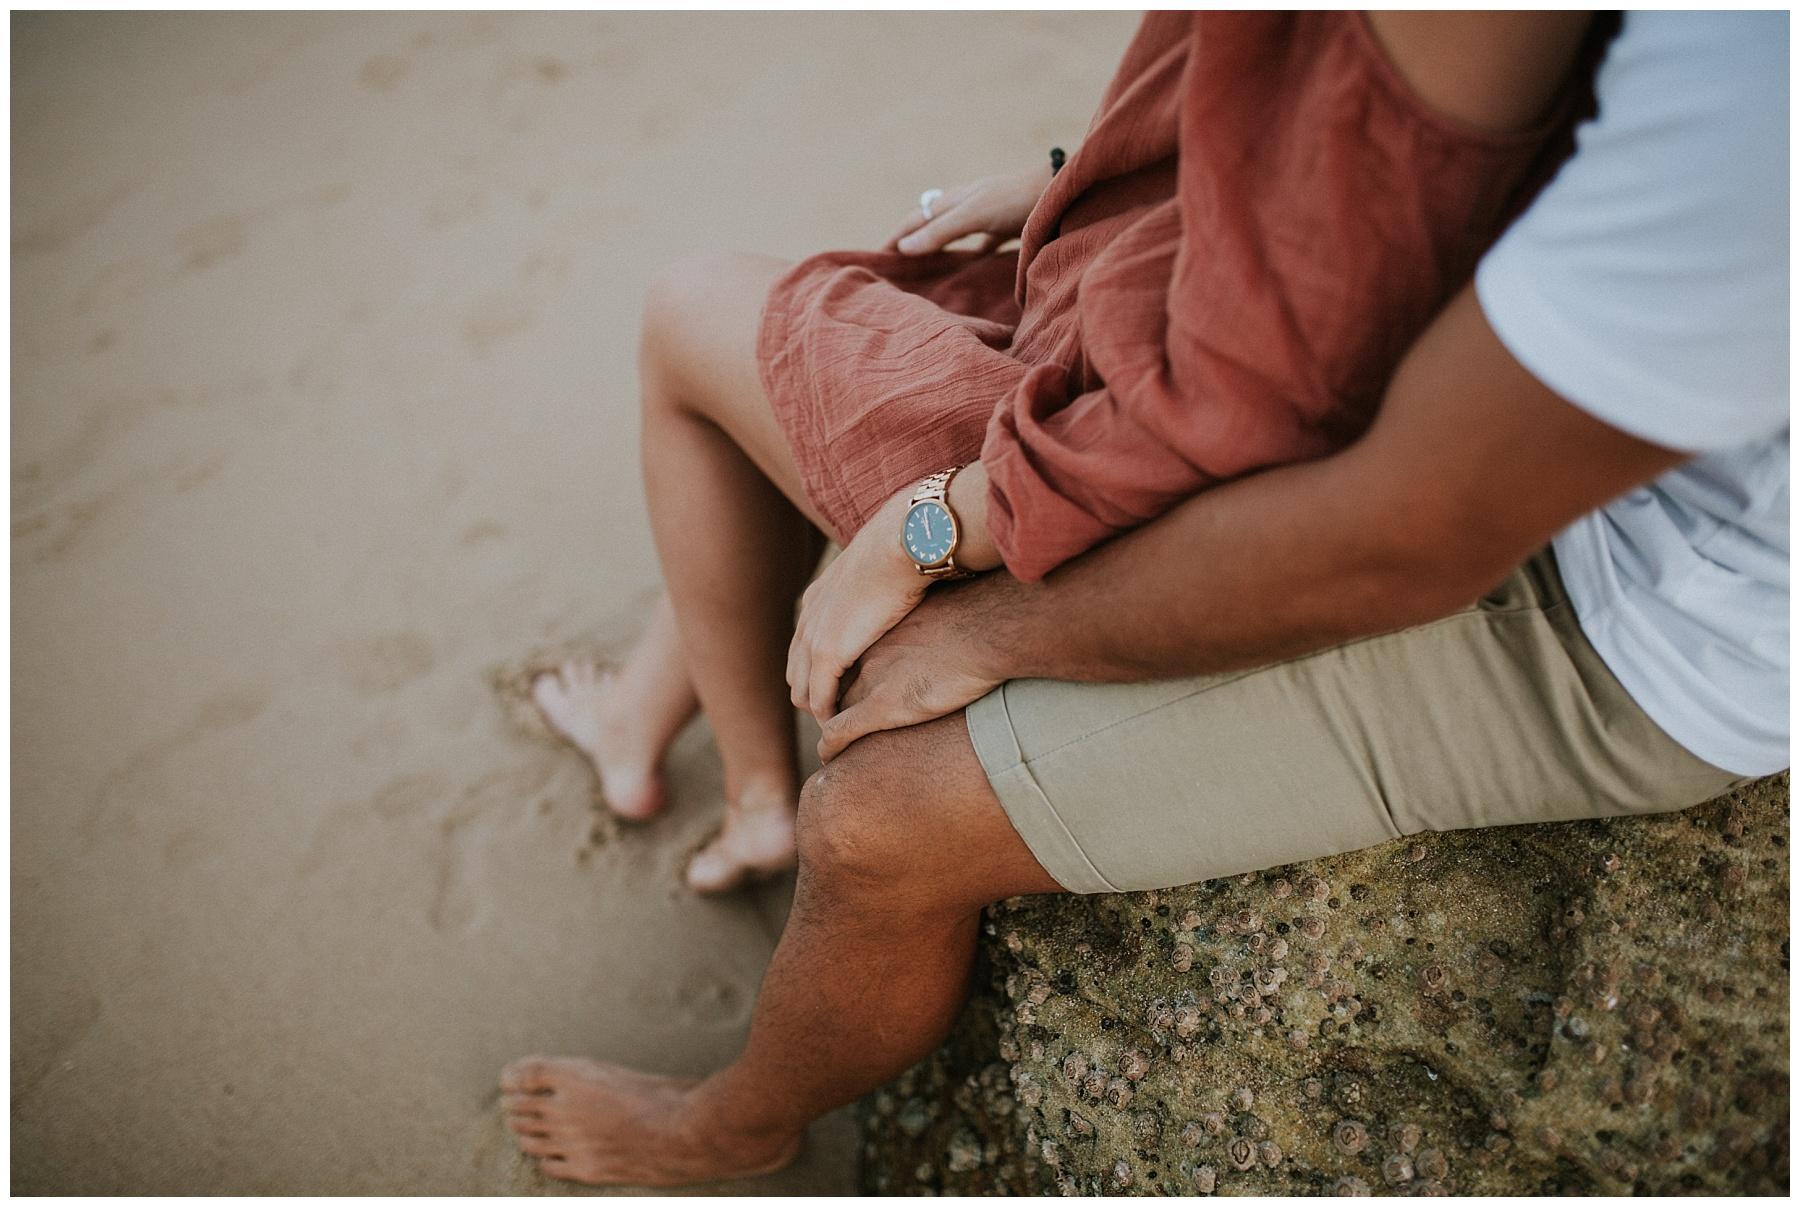 Chris-Hannahs-Couple-Shoot-Bondi-Beach-30.jpg